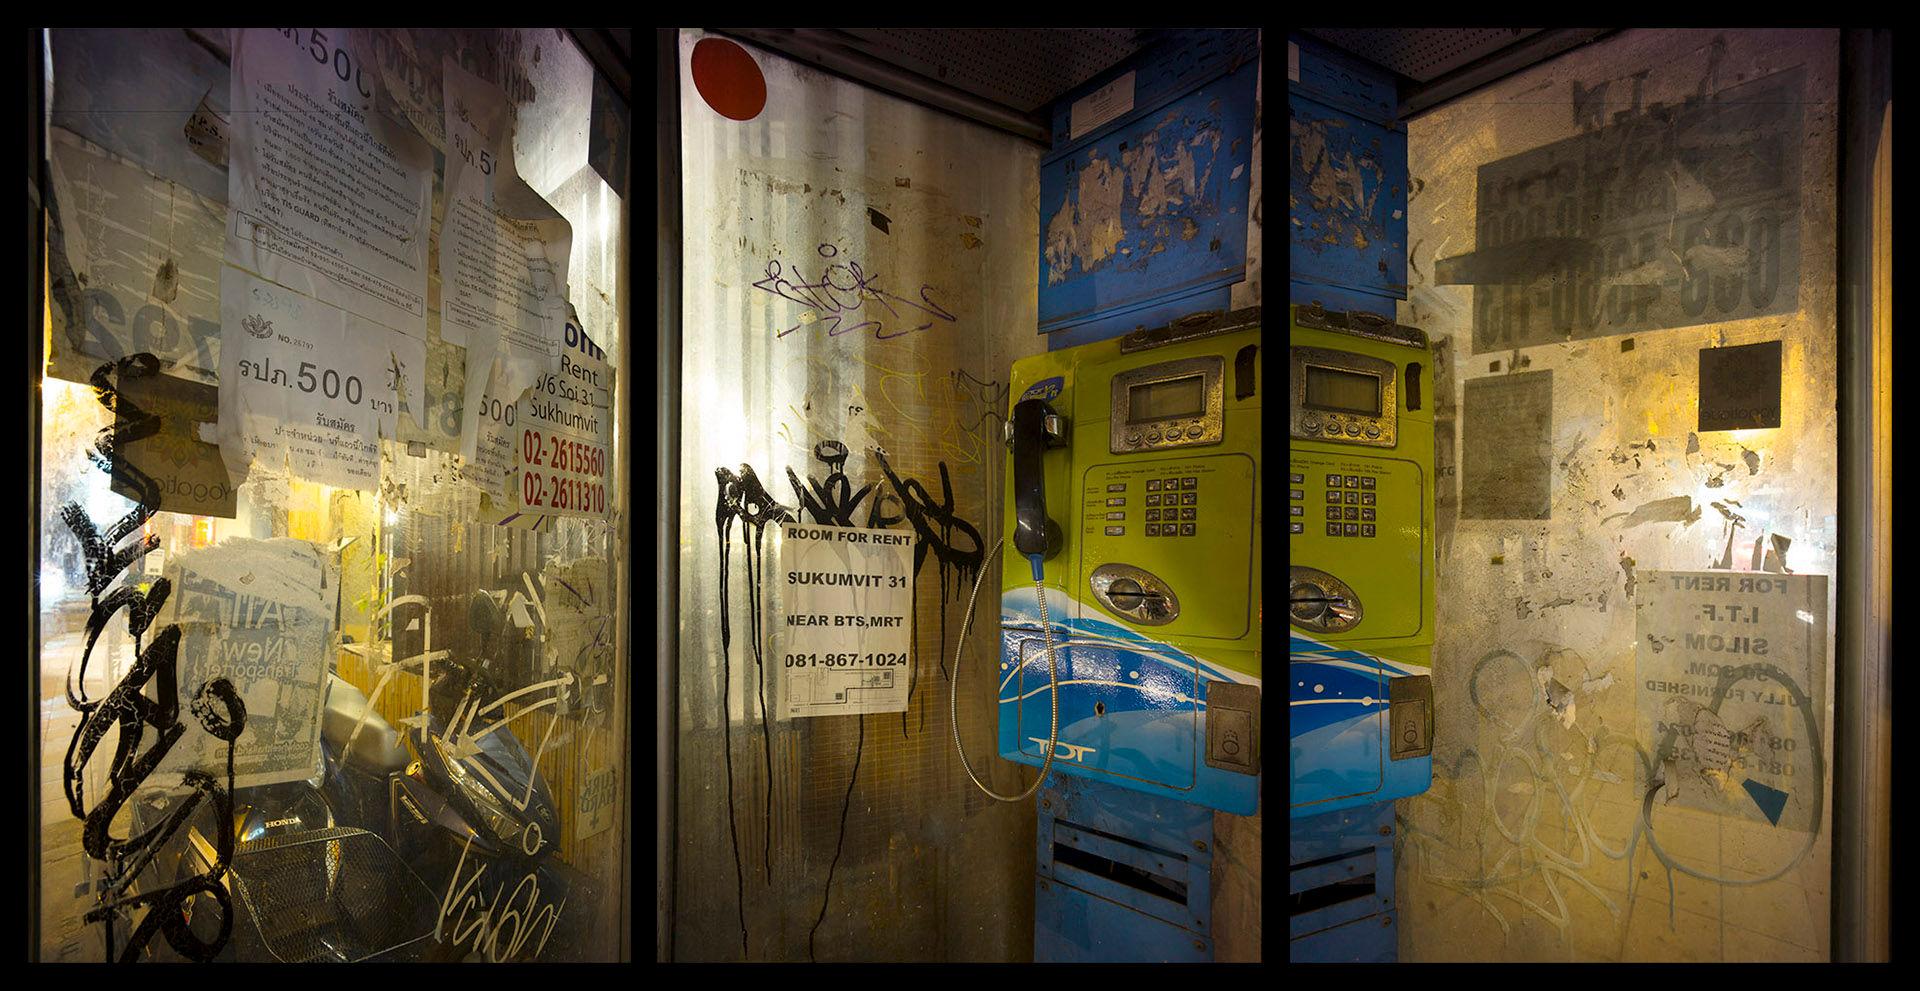 Near BTS, MRT triptych